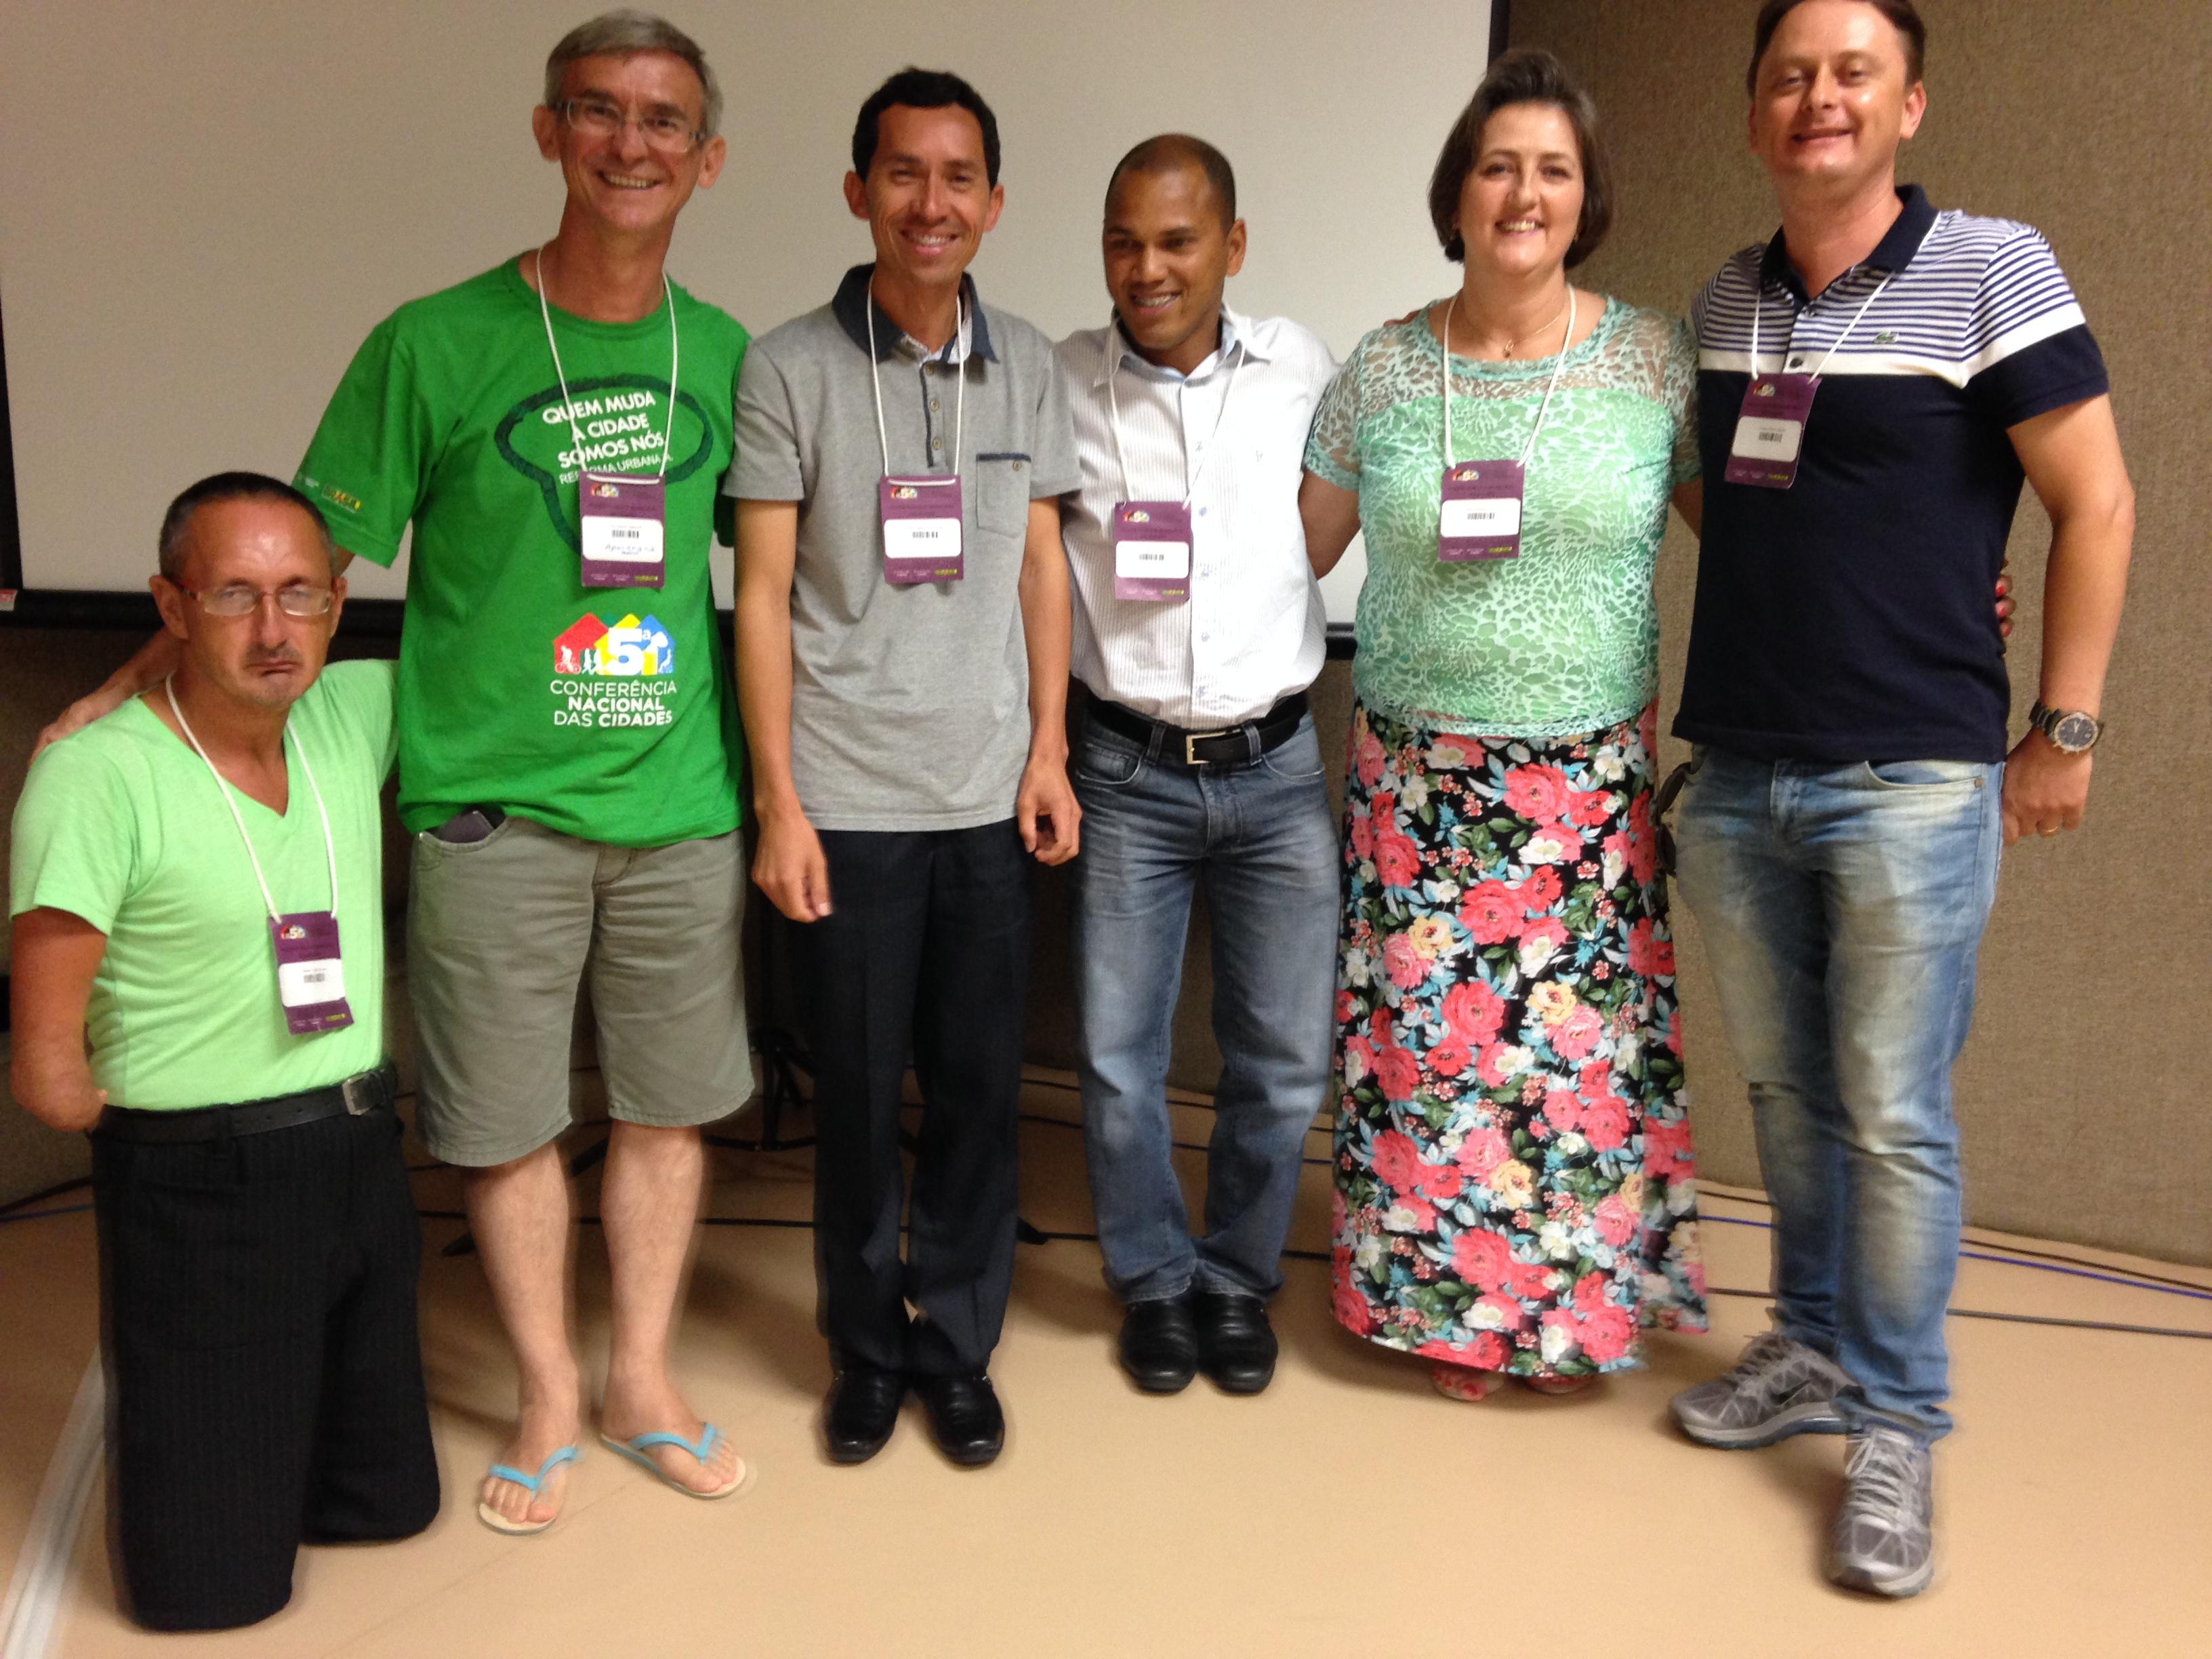 Vereador Luciano junto a representantes de movimentos sociais que estiveram em Bras�lia